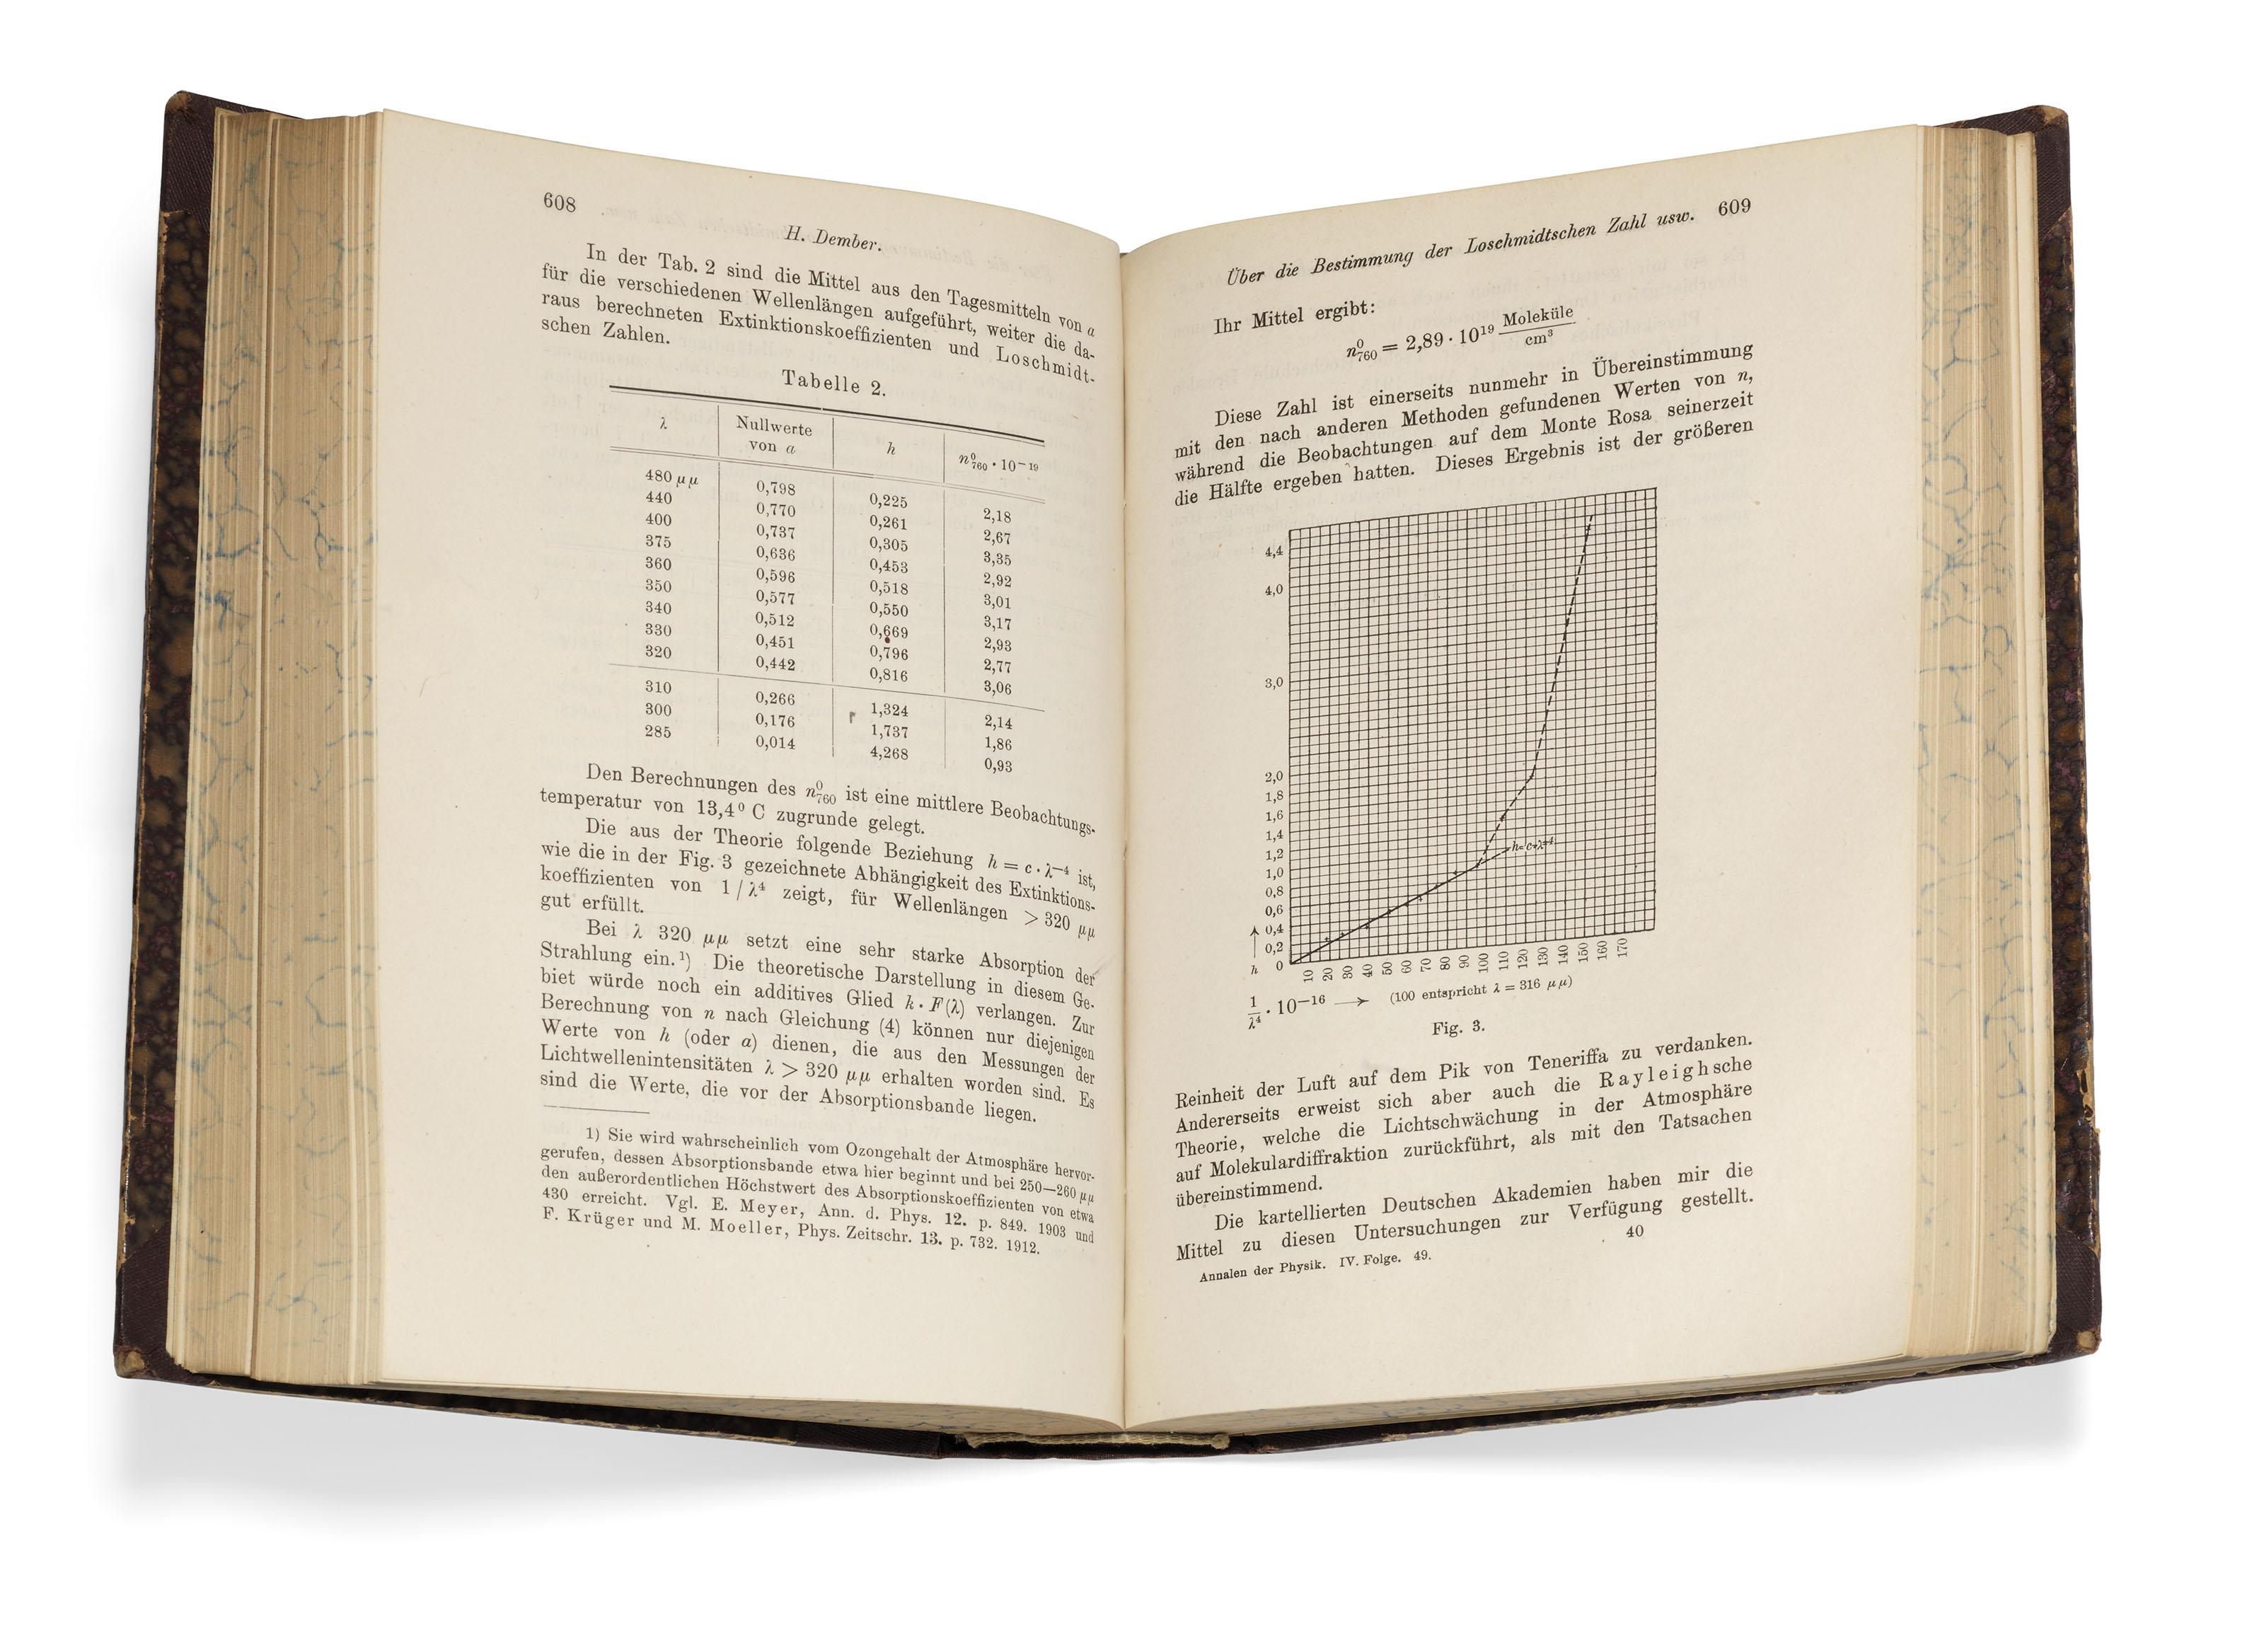 EINSTEIN, Albert (1879-1955). 'Die Grundlage der allgemeinen Relativitätstheorie', in: Annalen der Physik, IV. Folge, volume 49, pp.[769]-822. Leipzig: J.A. Barth, 1916.